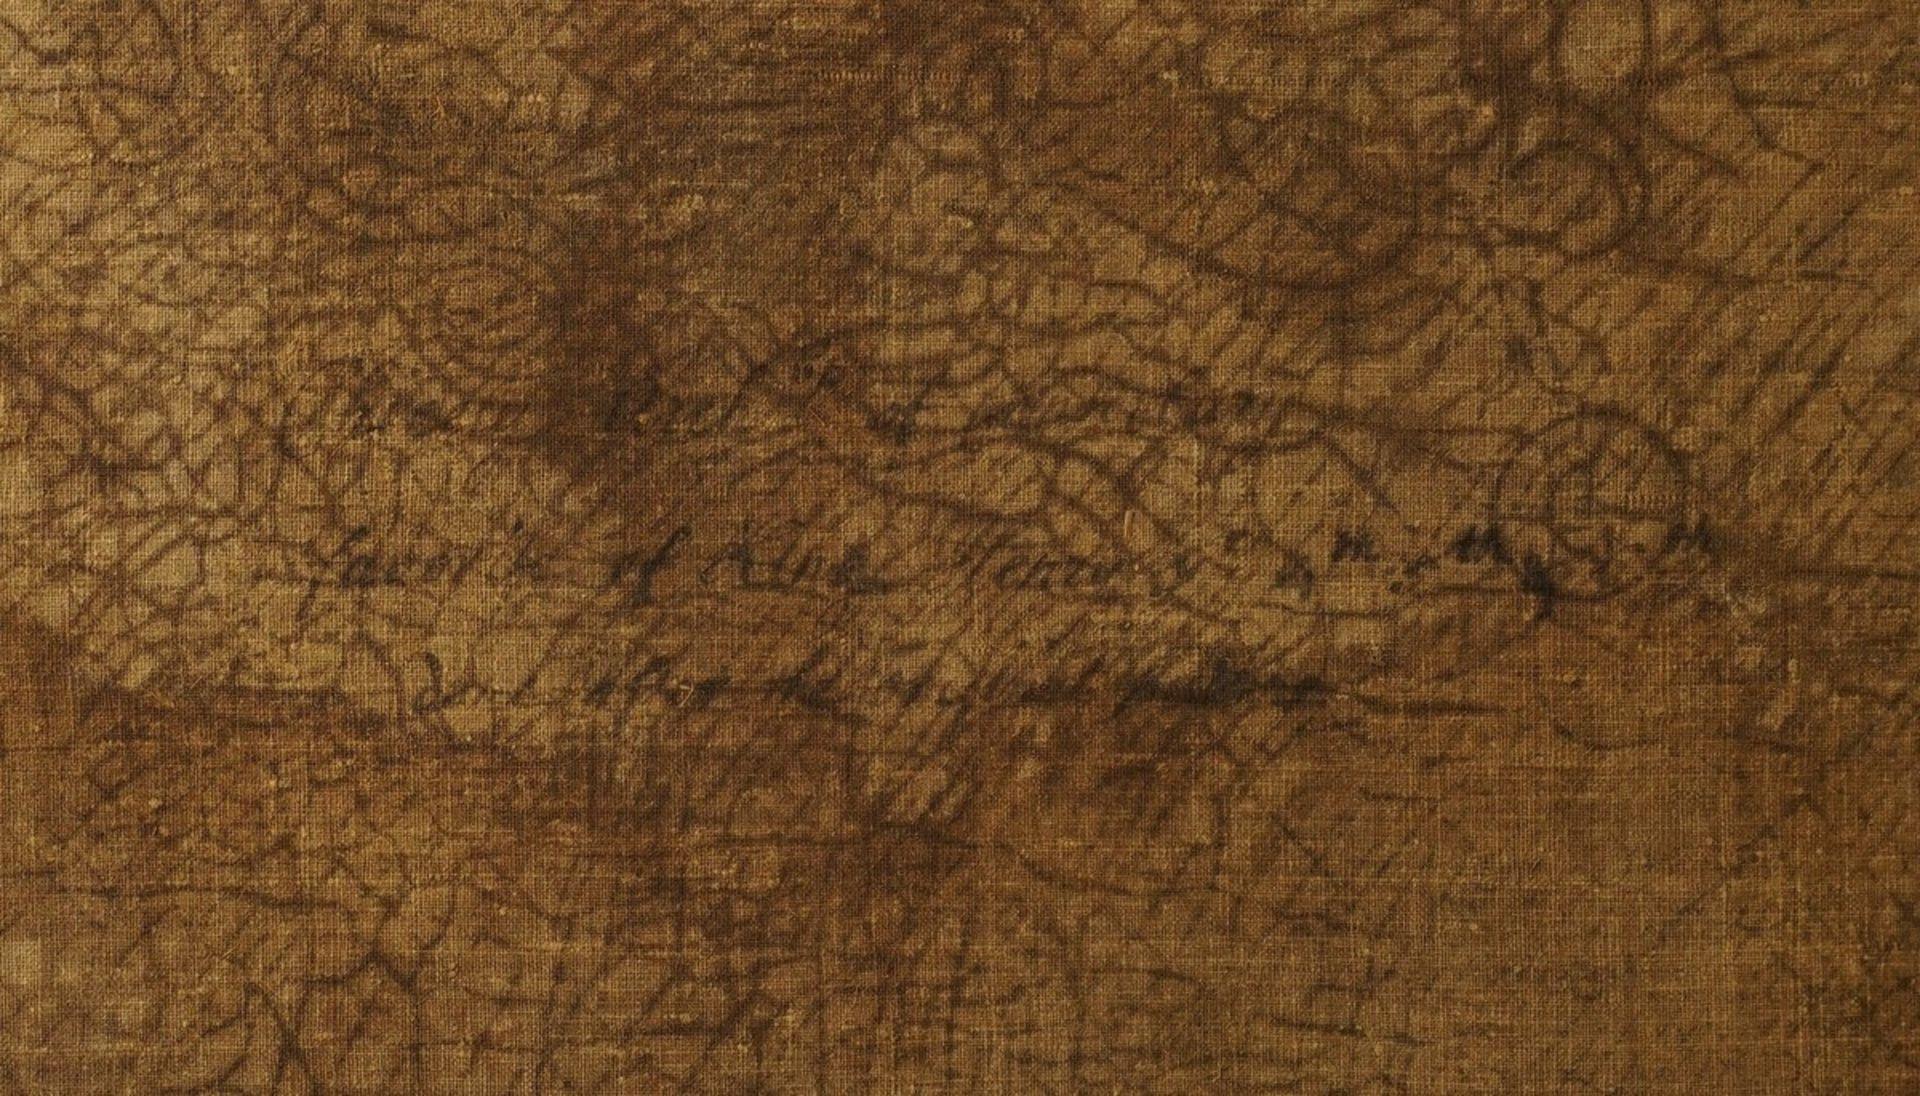 Unbekannter englischer Künstler, Henry Chichele (Chicheley), Erzbischof von Canterbury (1364-1443) - Bild 4 aus 6